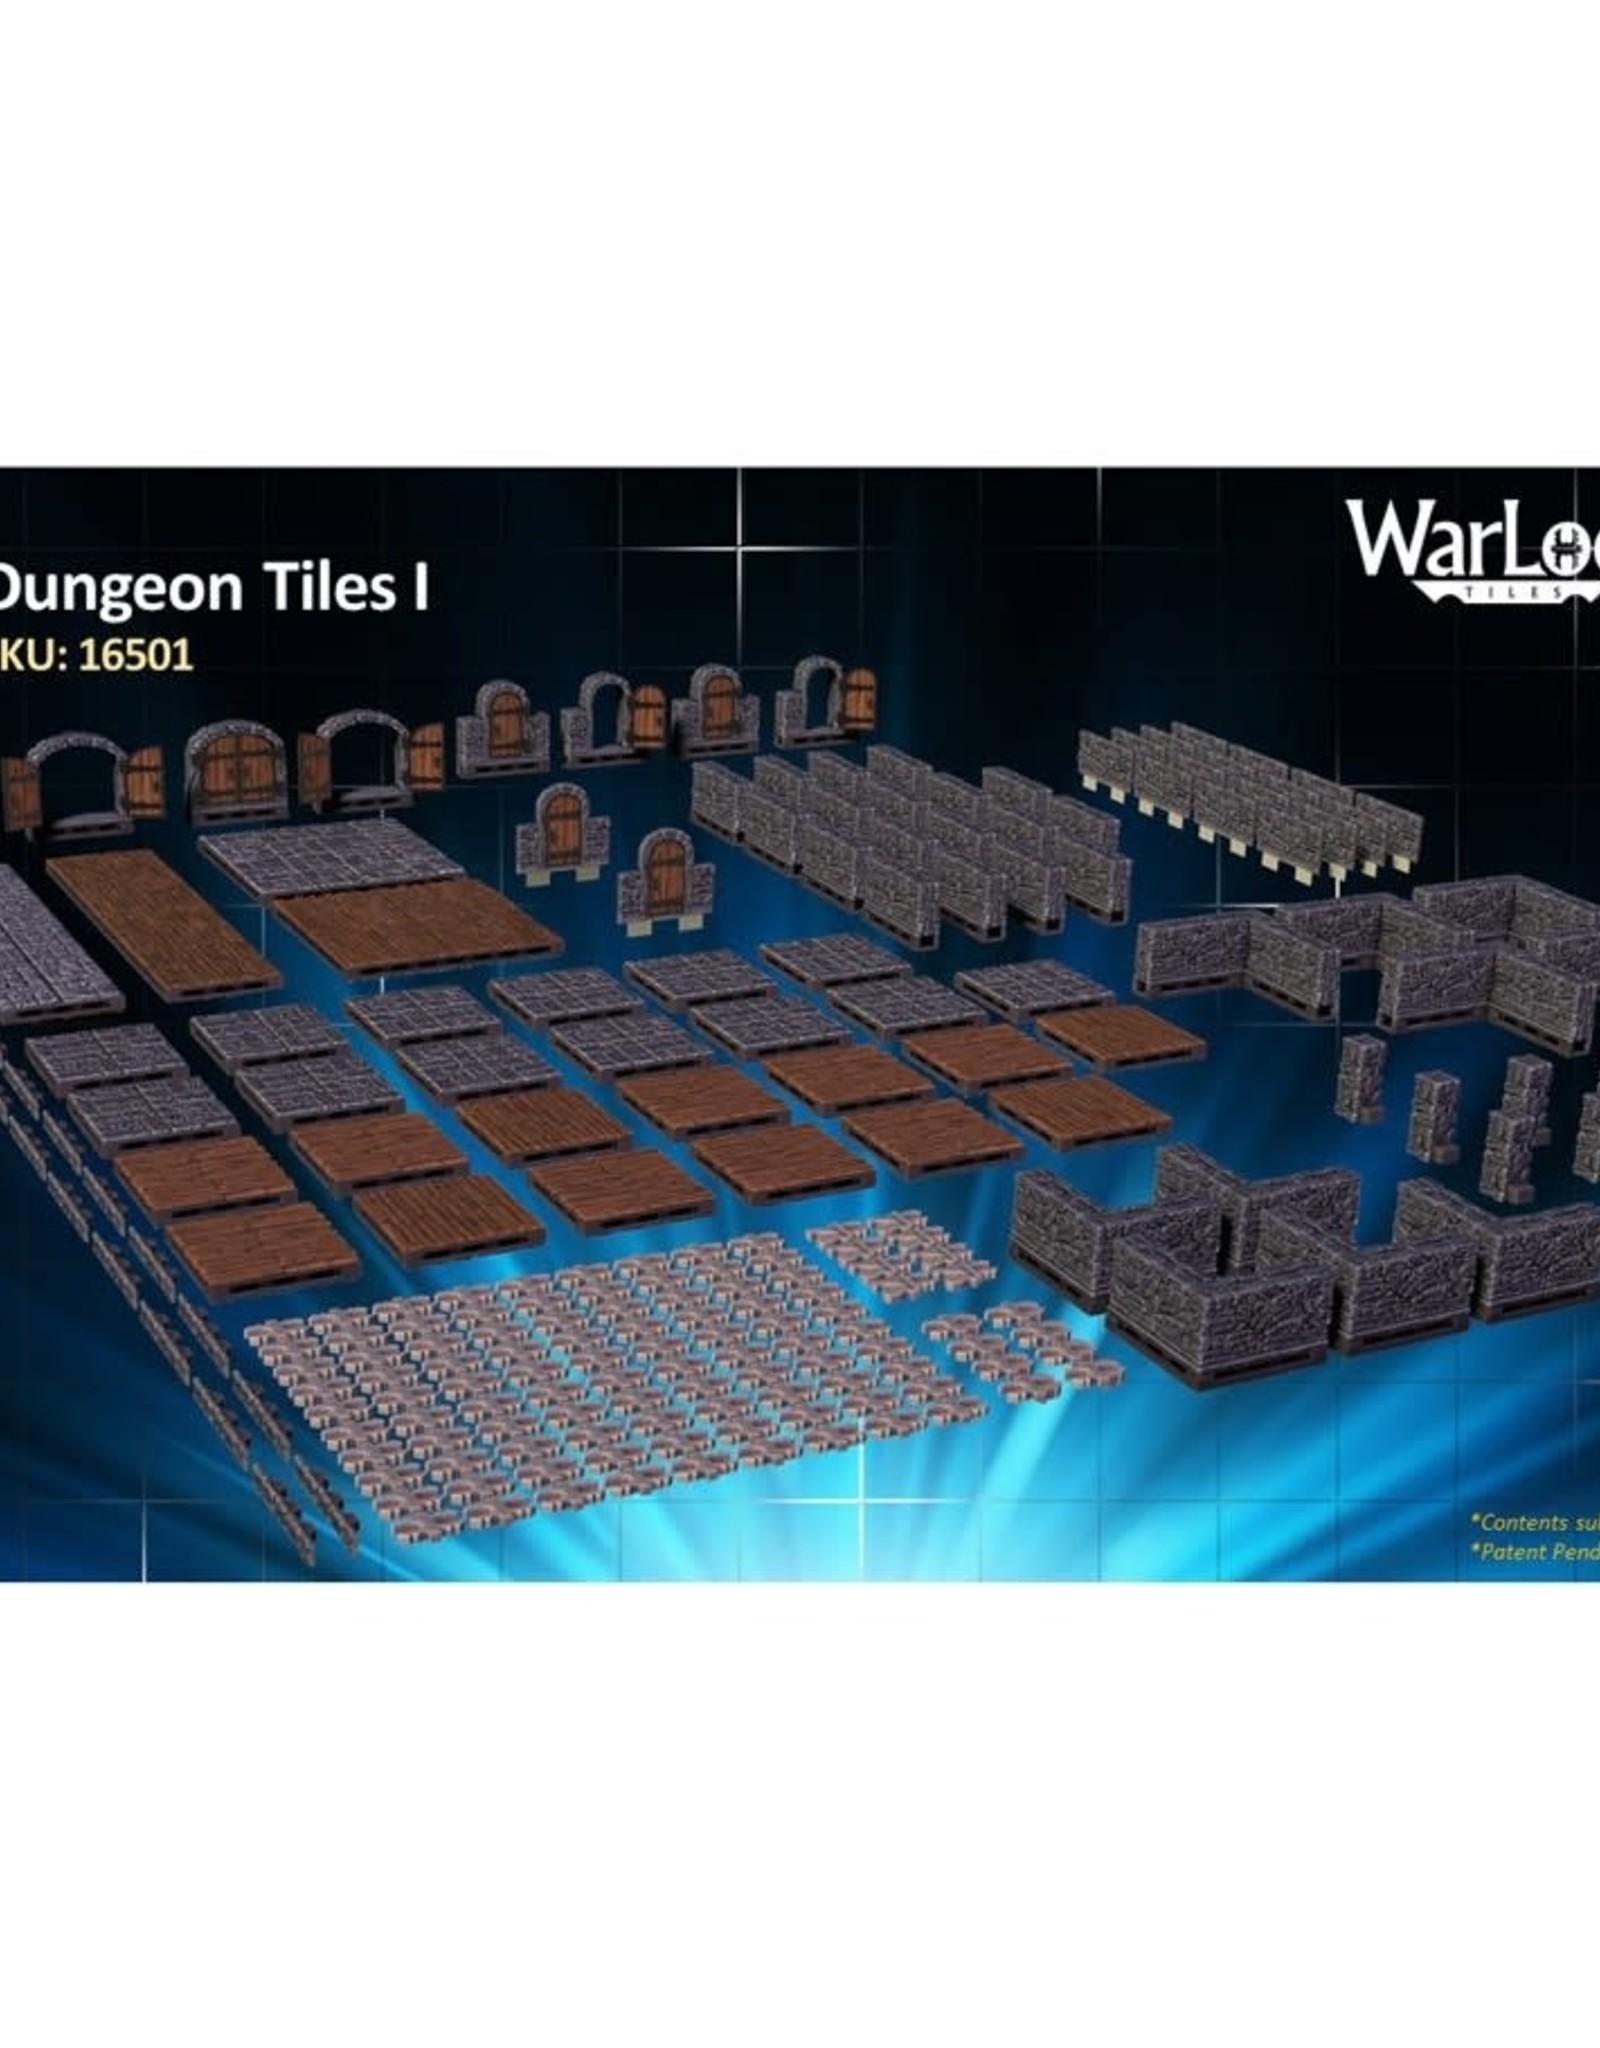 Wizkids WarLock Tiles Dungeon Tiles I